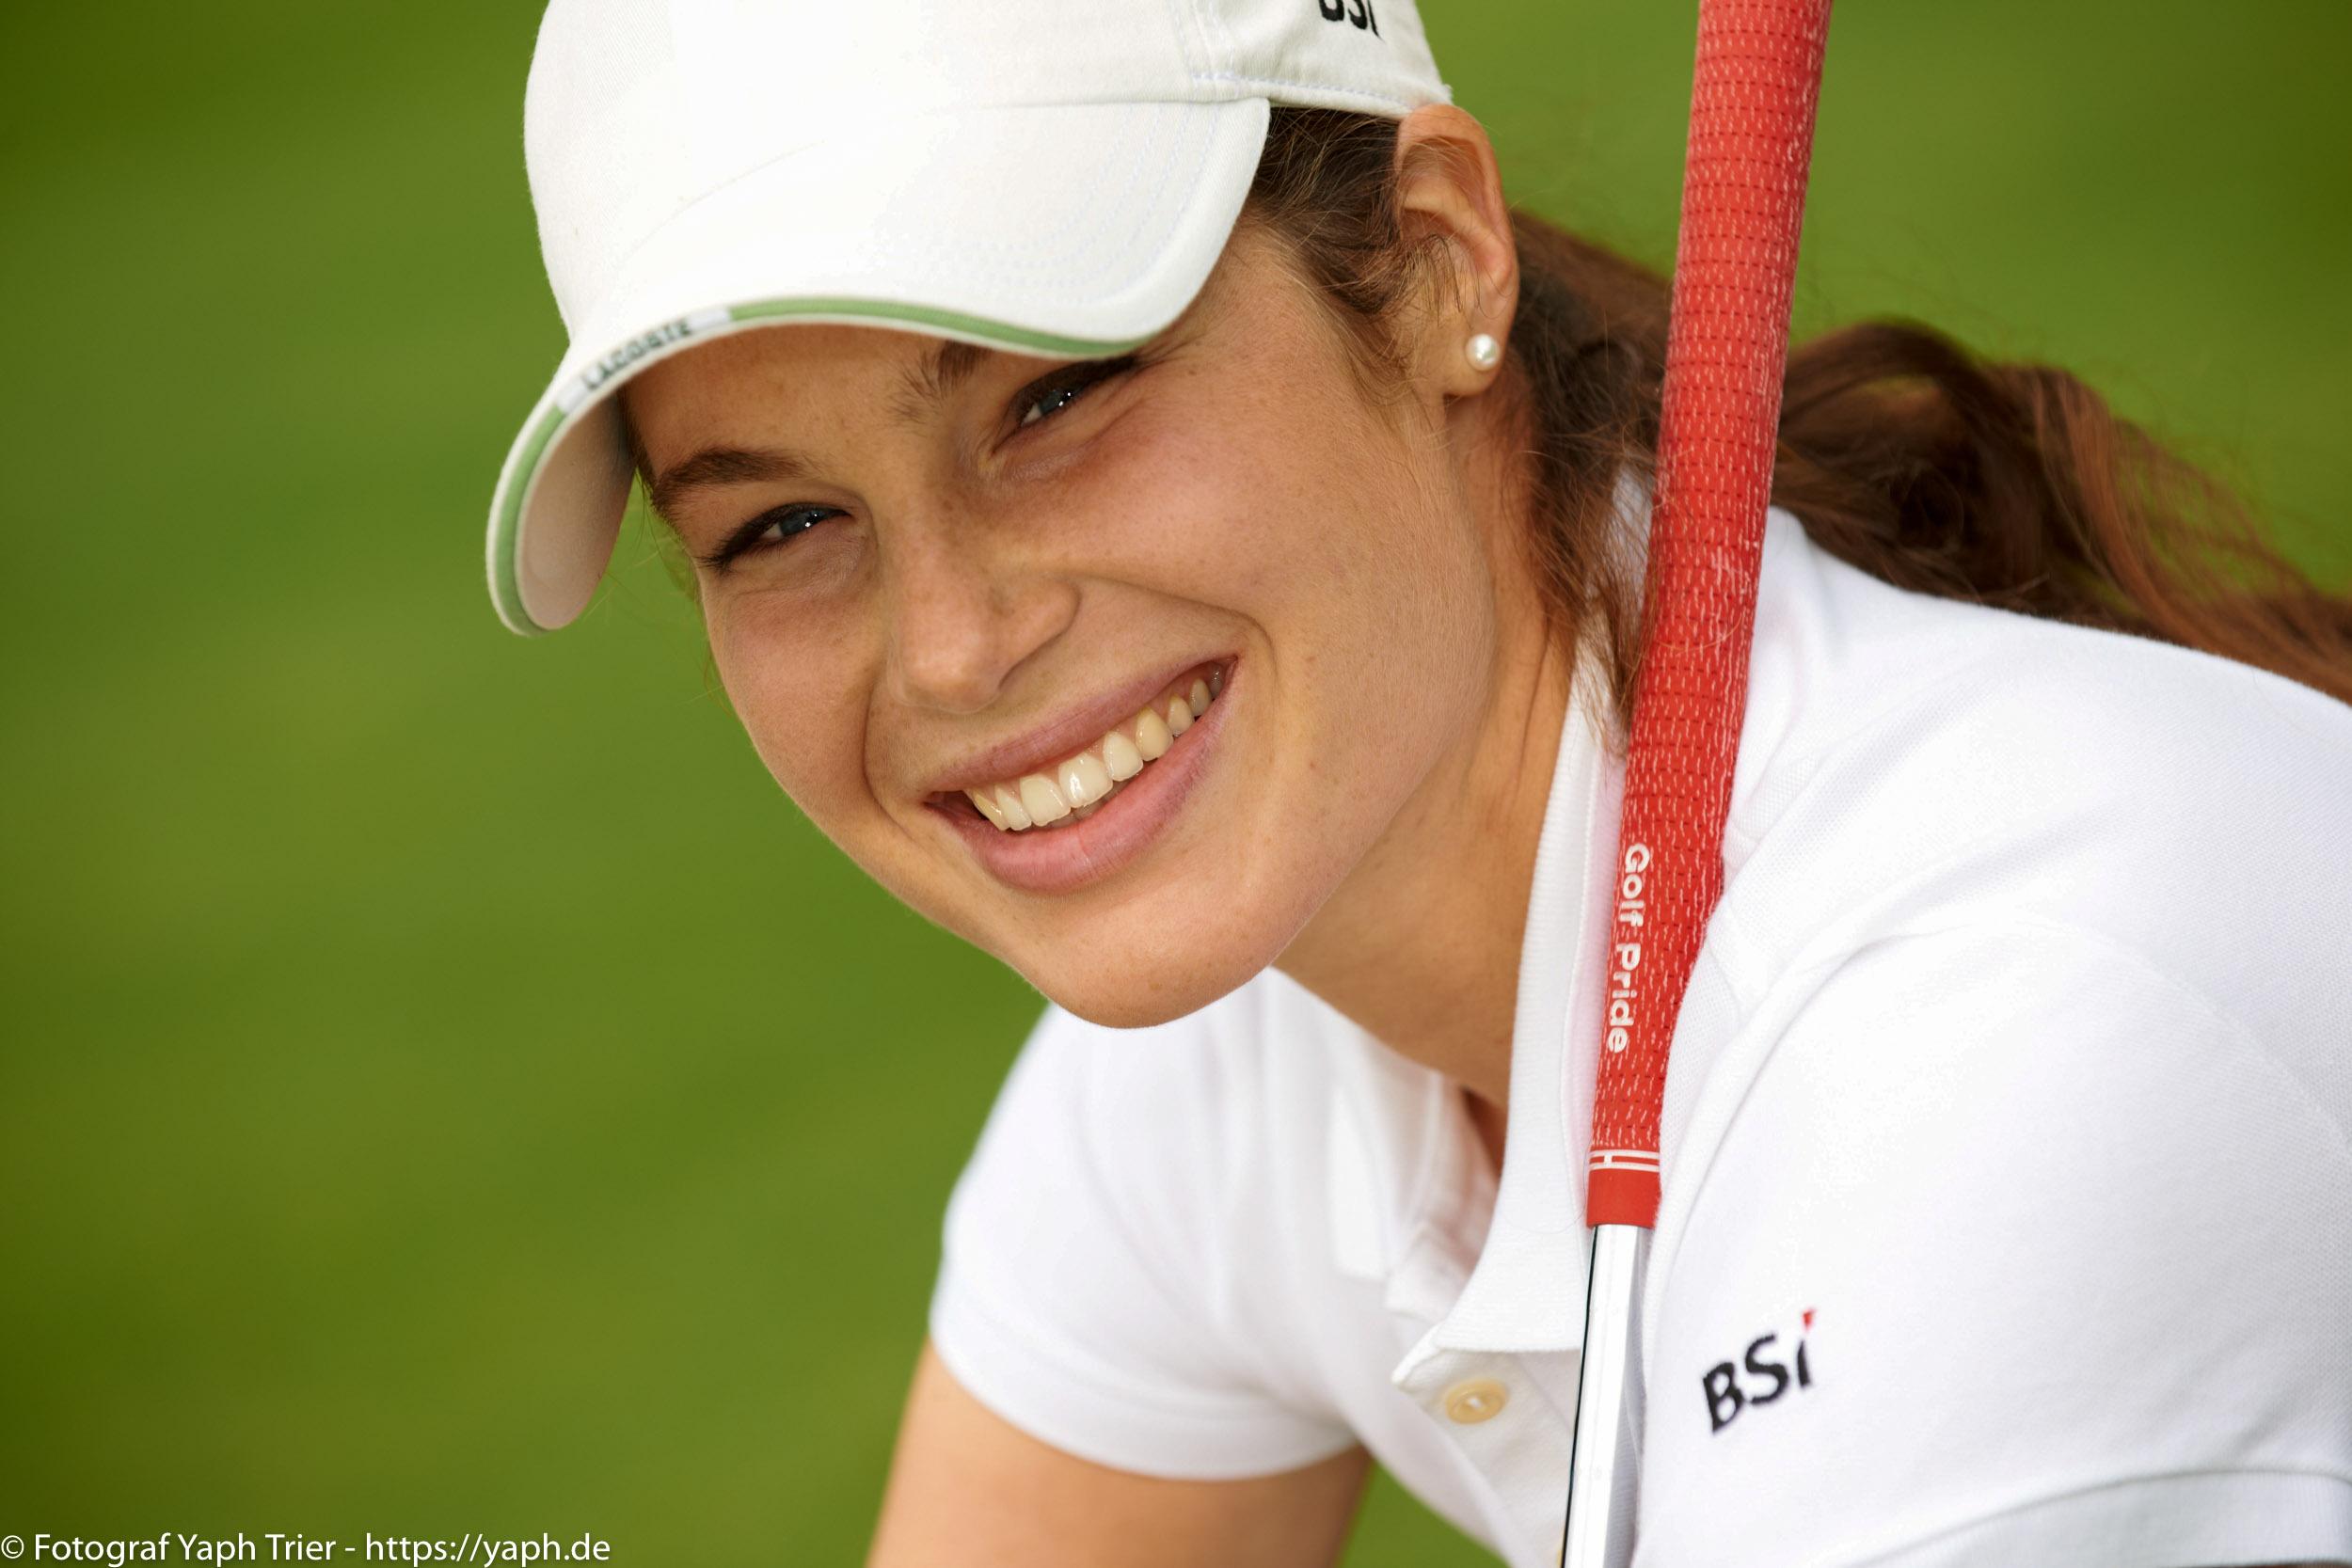 Liebelei Elena Lawrence - luxemburger Golfspielerin bei Fotograf Yaph - 31